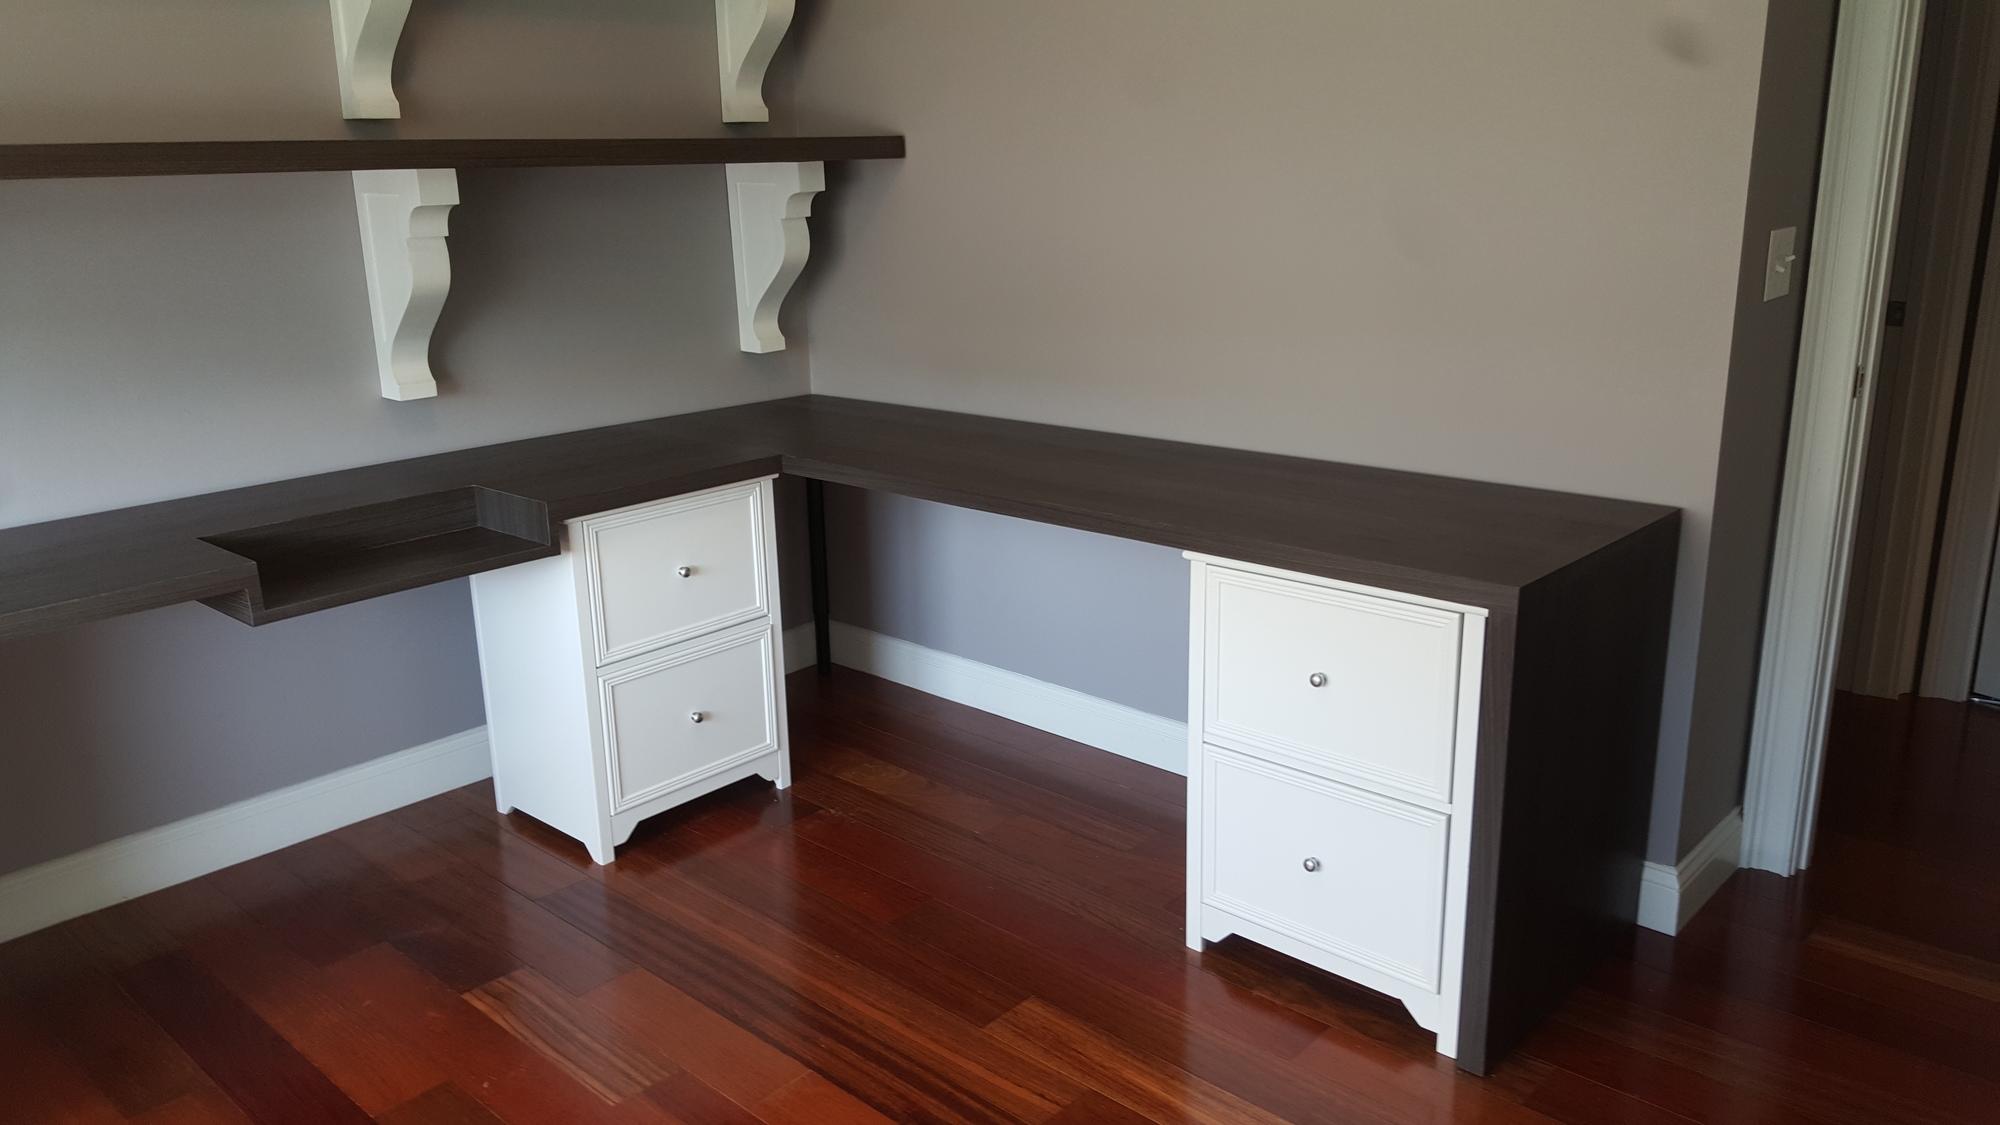 Installed desk